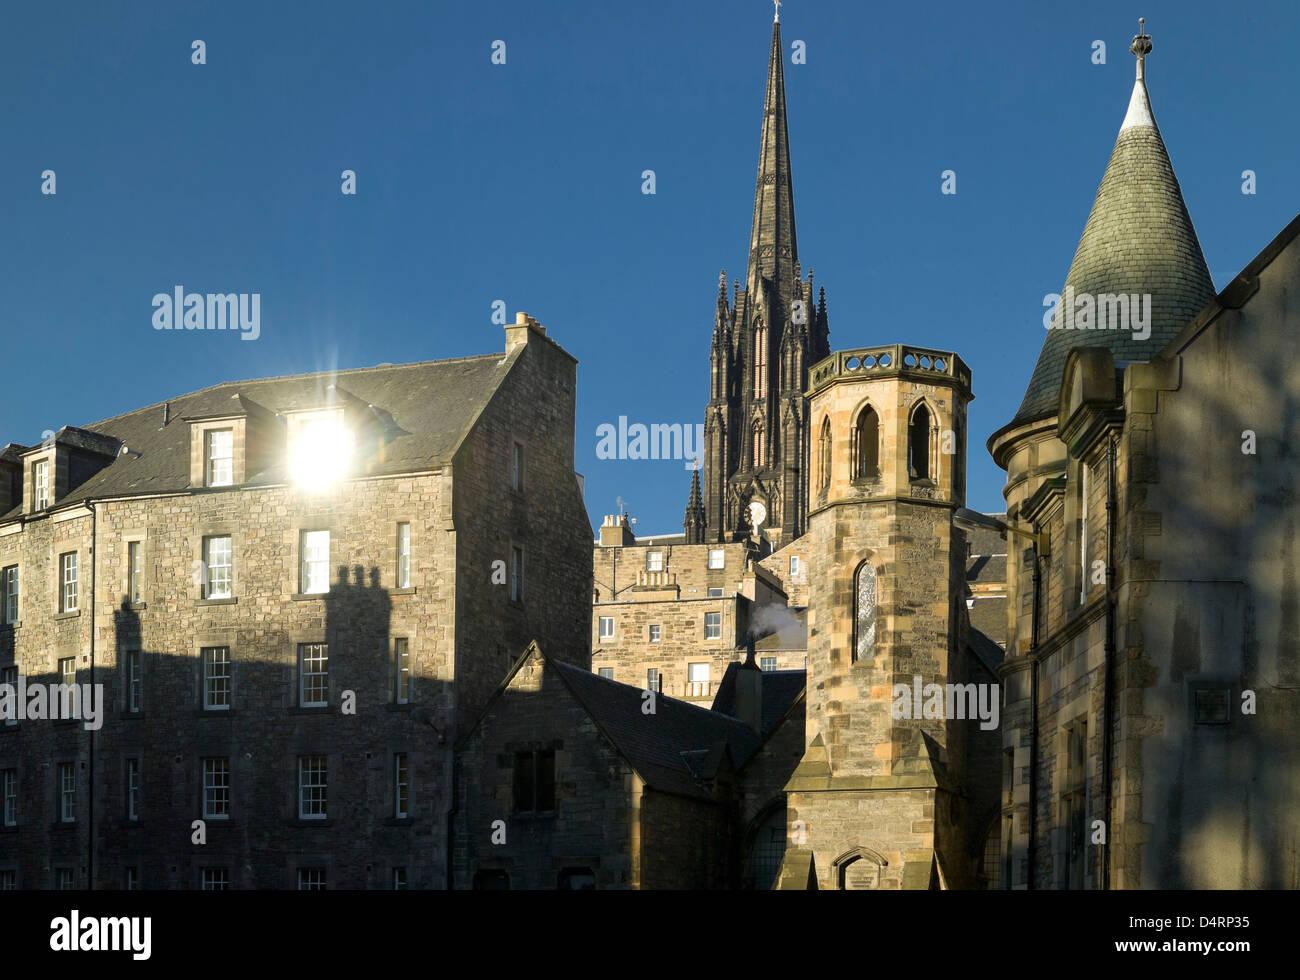 Città vecchia architettura in moody luce grassmarket con la Cattedrale di st giles Immagini Stock